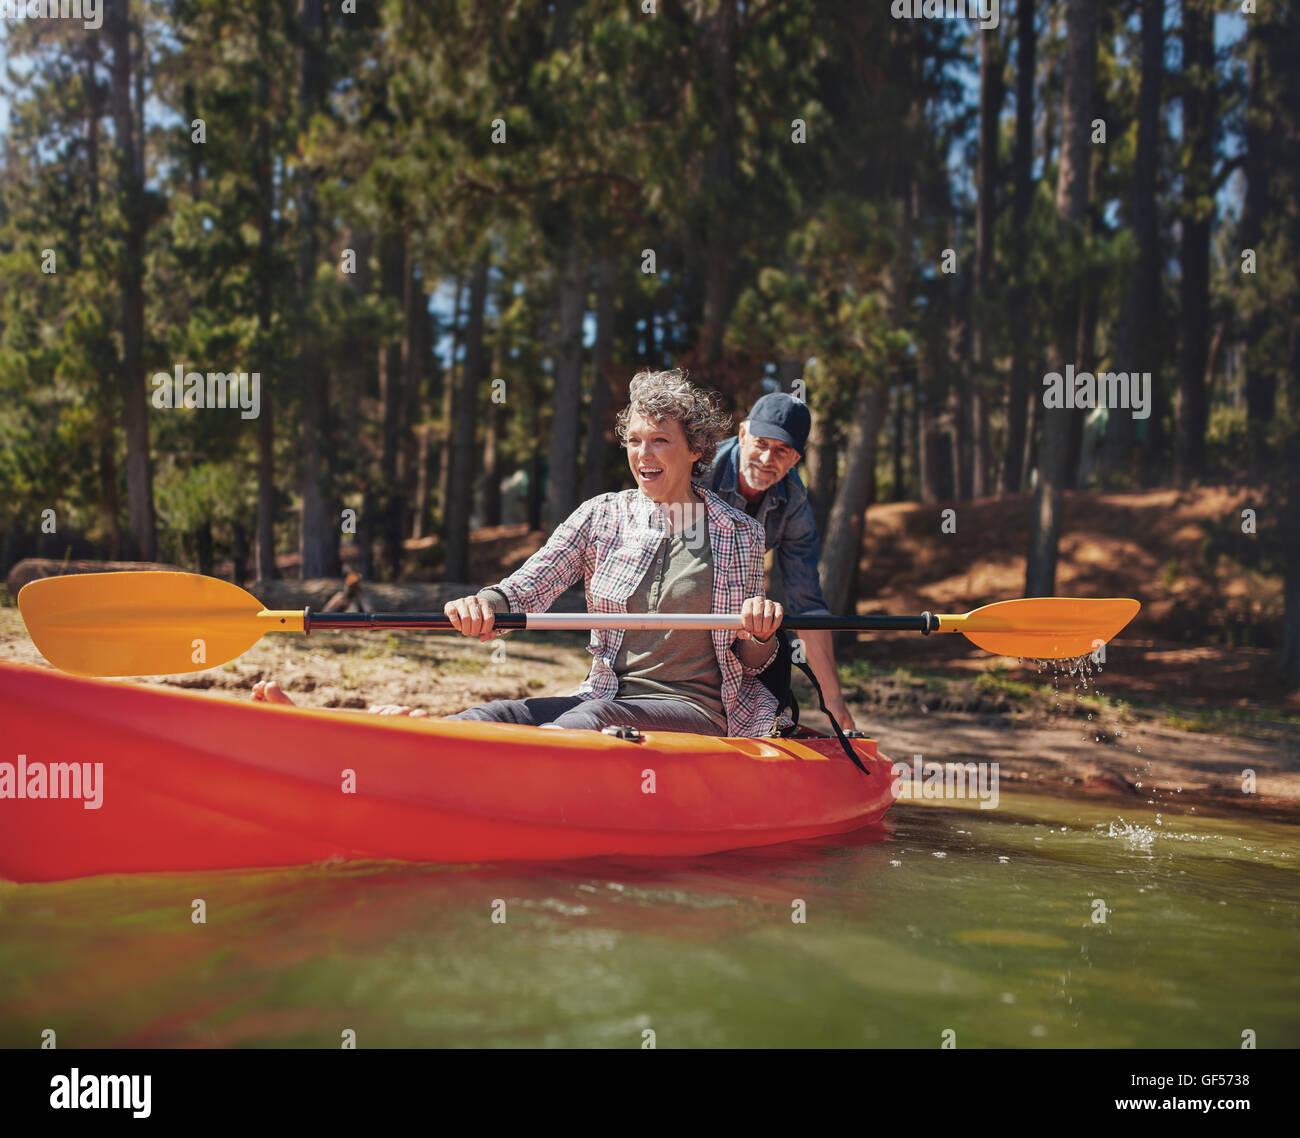 Retrato de la feliz pareja divirtiéndose en el lago. Remar en Kayak con hombre mujer empujando desde atrás Imagen De Stock